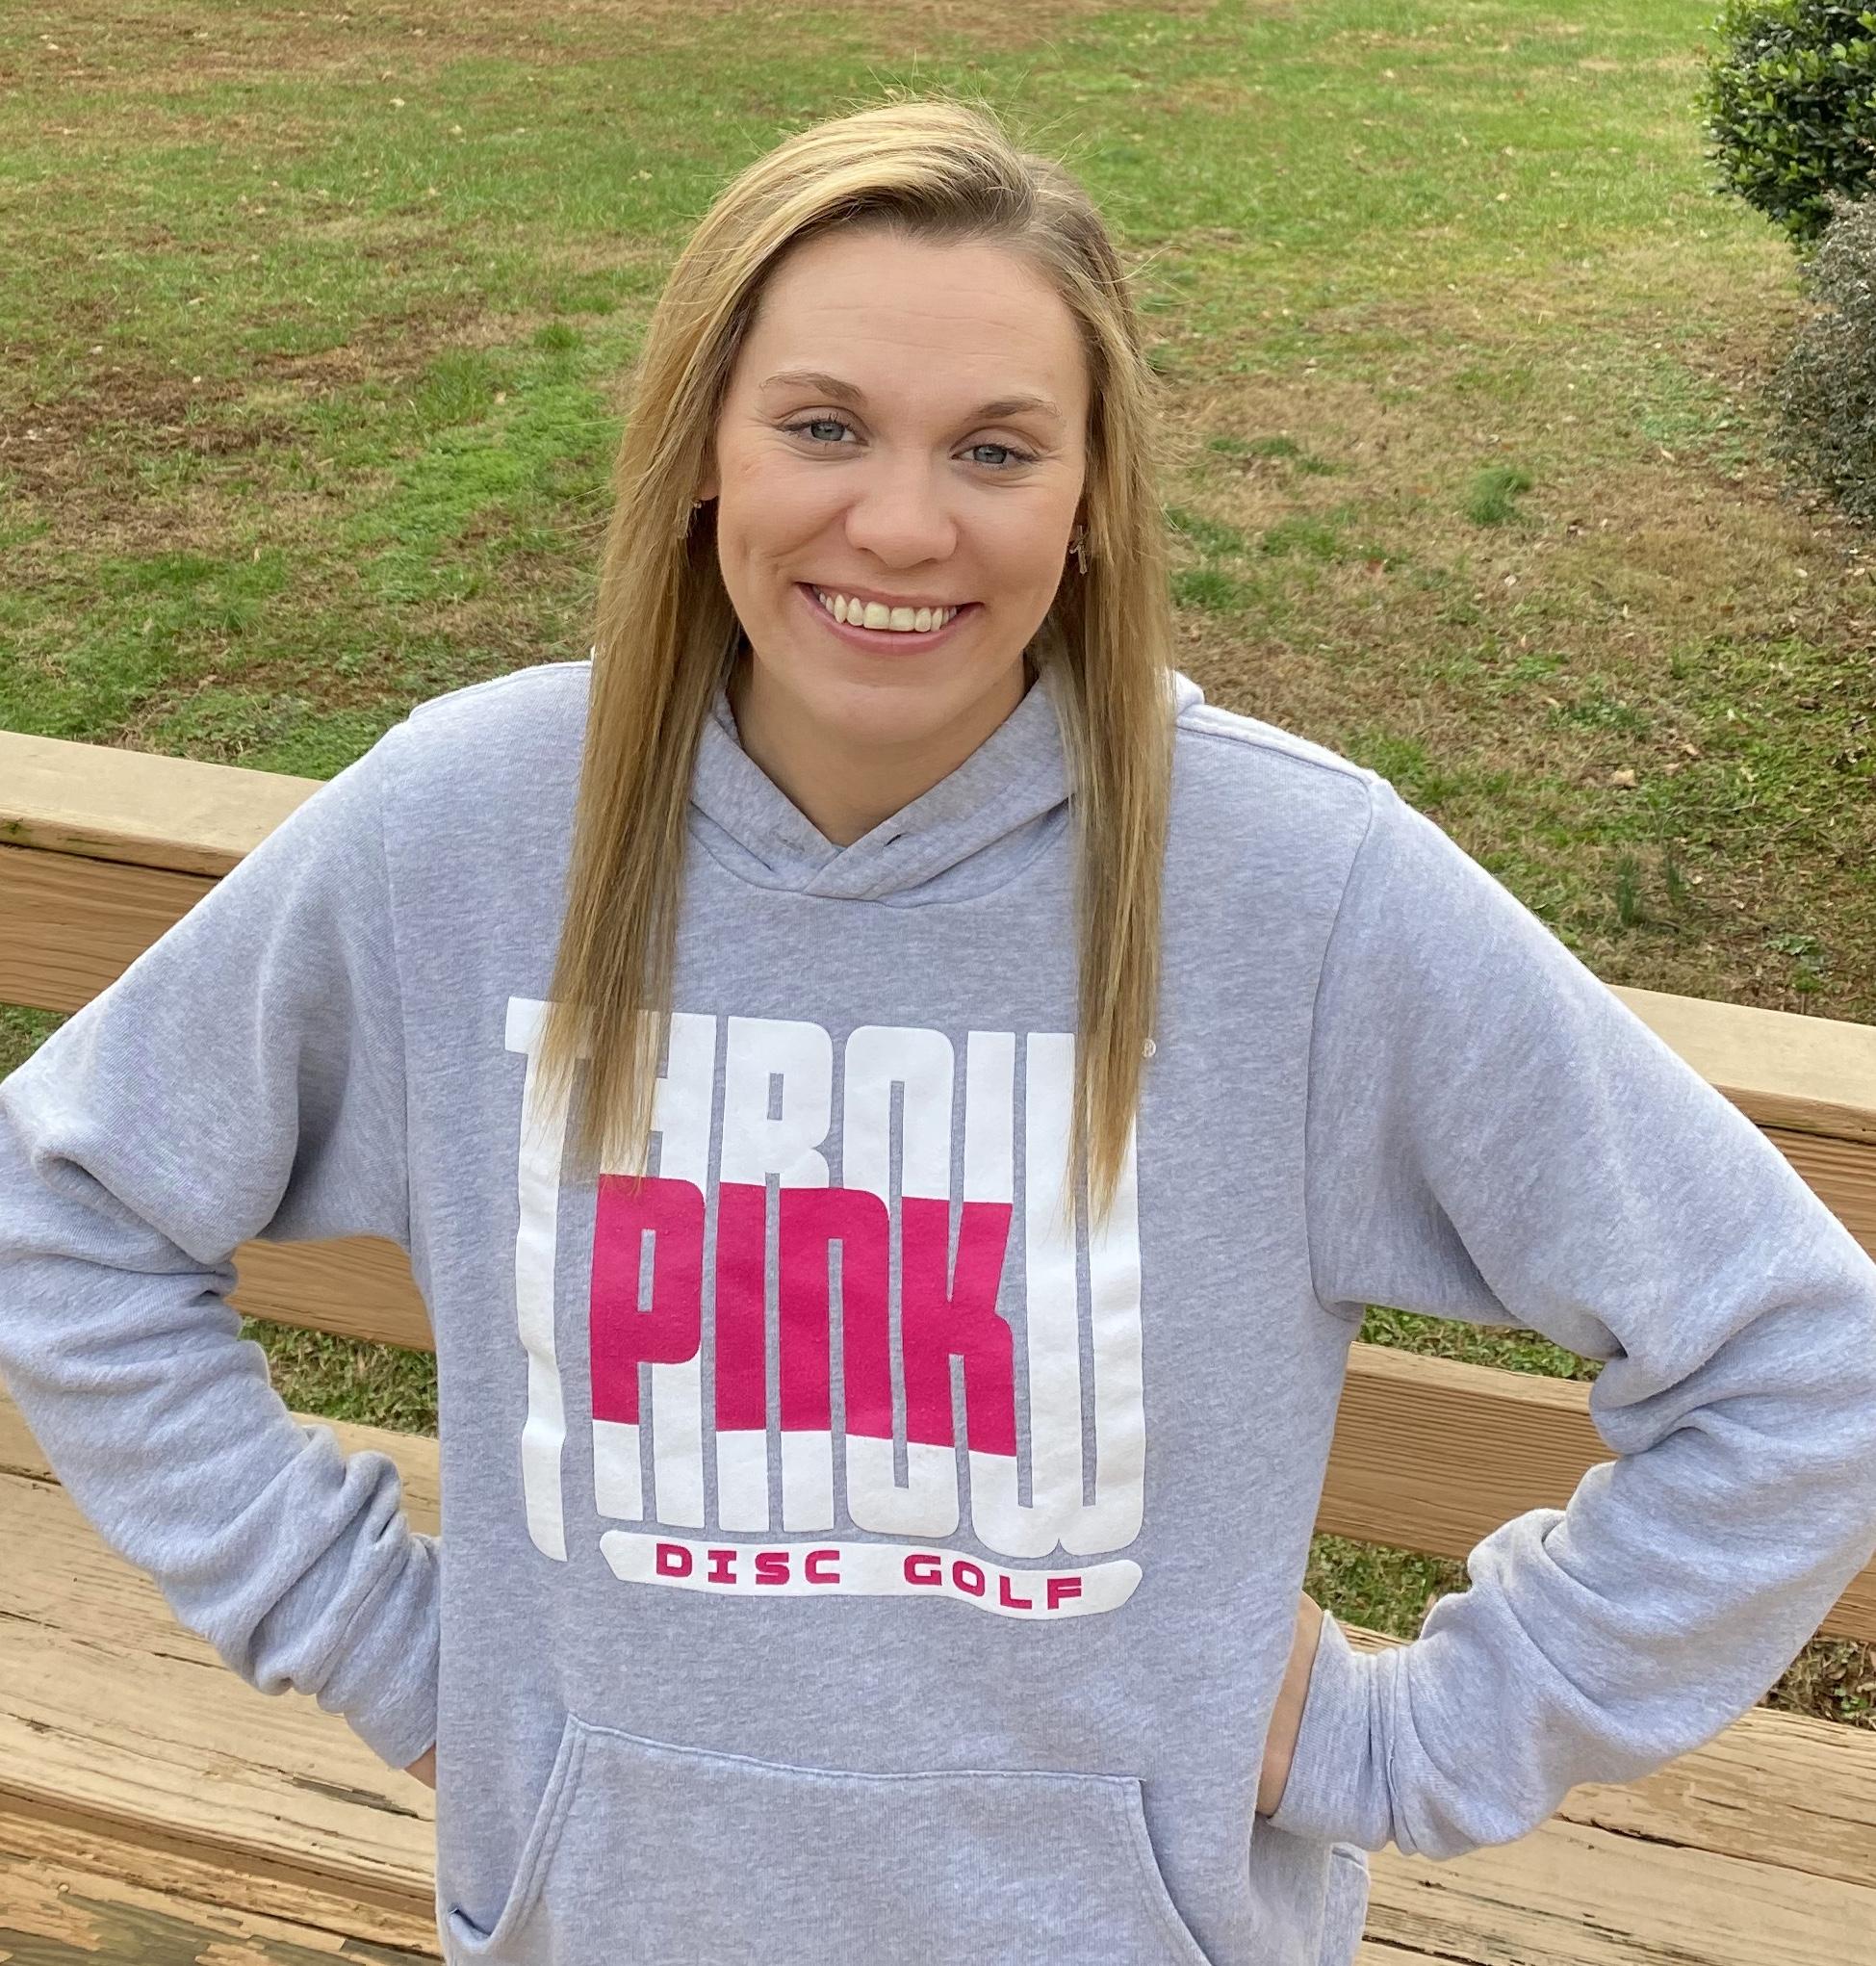 Katie Hudgens wearing Throw Pink sweatshirt